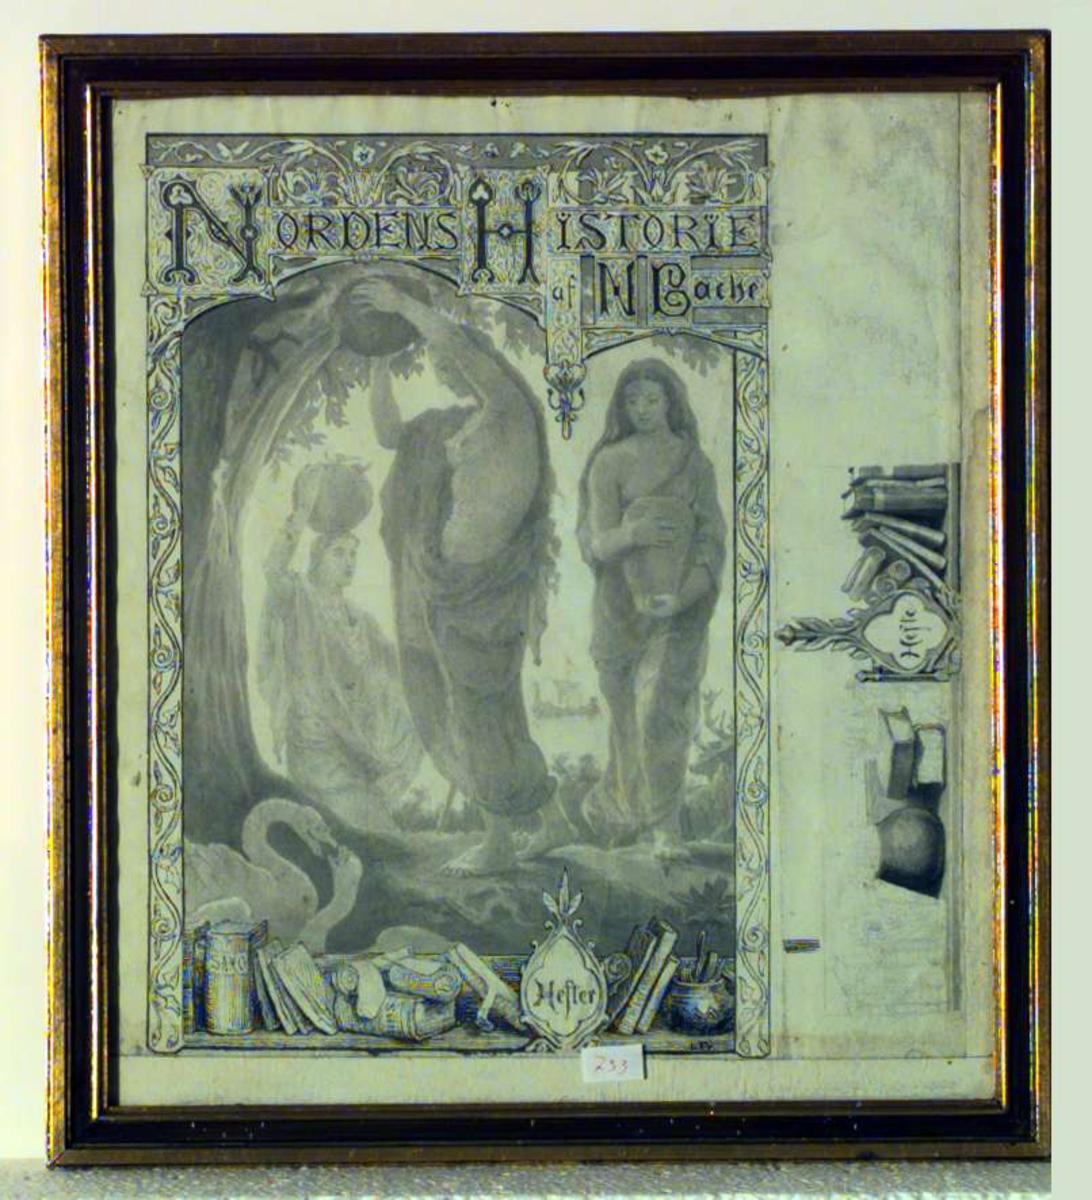 Illustrasjon til Nordens Historie af N Bache. Klassisk motiv; kvinner med krukker, svaner, hjorter, omkranset av ranker og bøker på en hylle (bl.a. Saxo, Snorre)